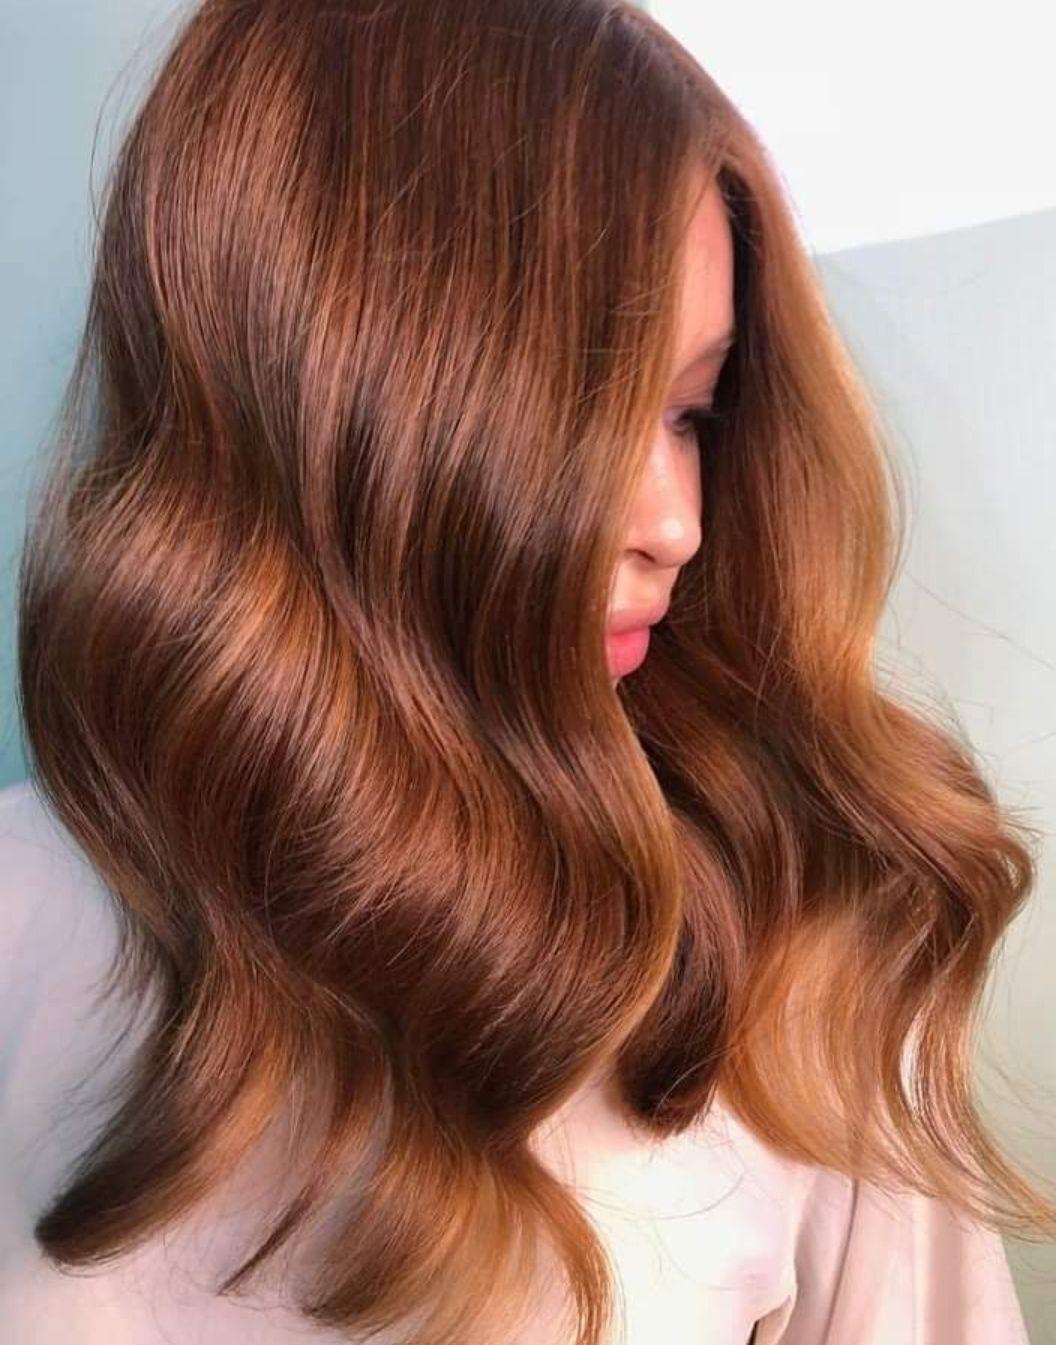 Dale volumen a tu pelo con nuestras ondas